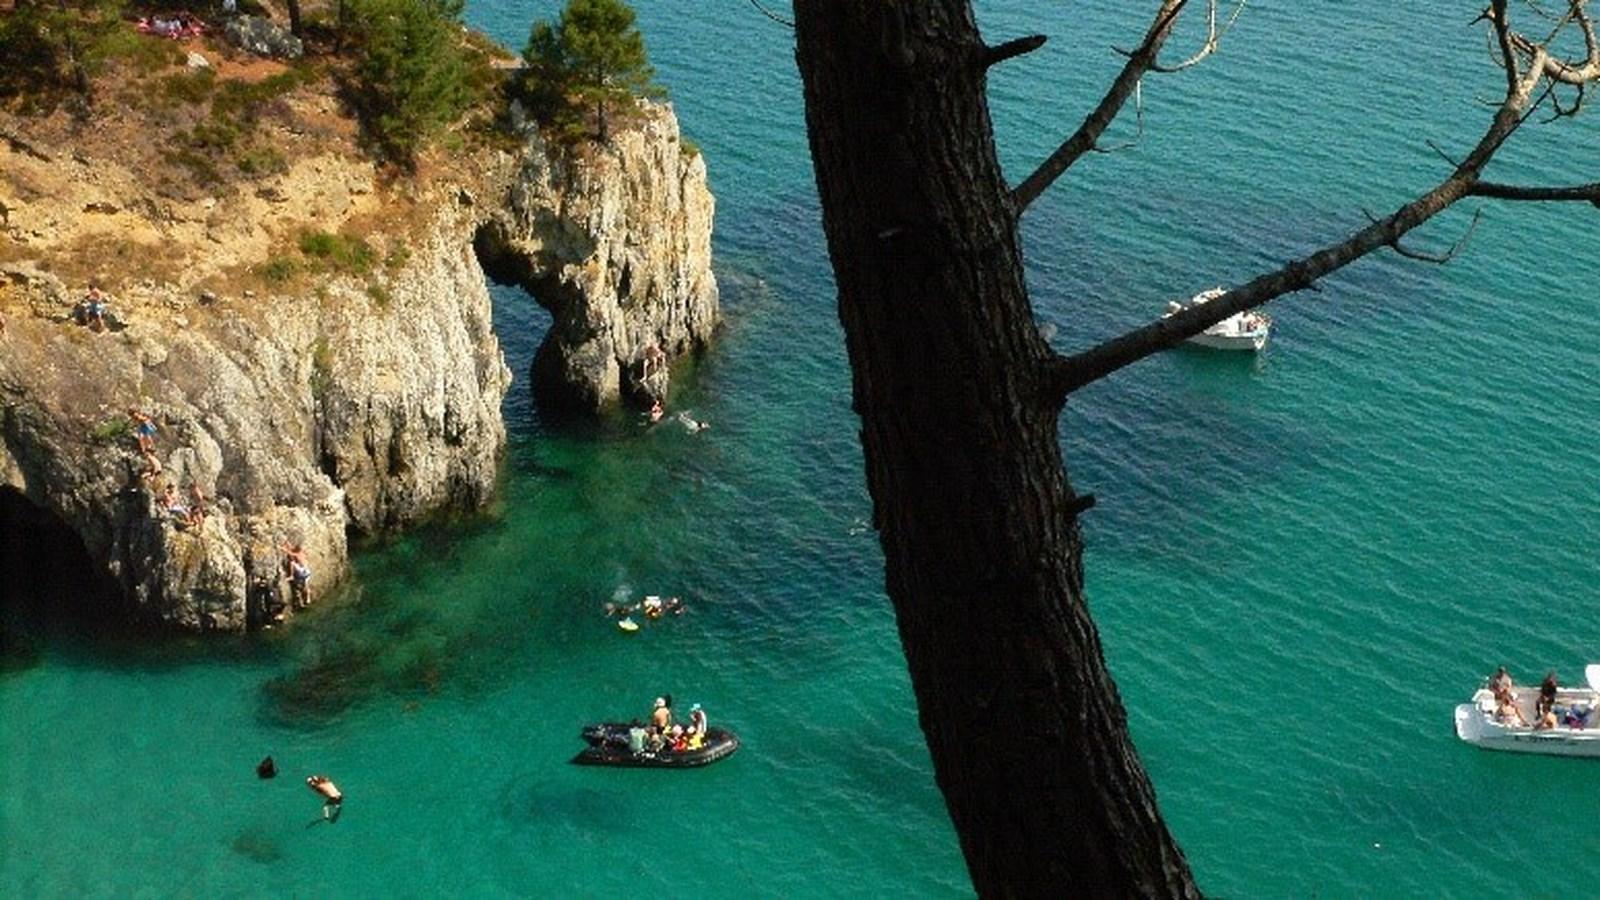 L'un des plus beaux lieux à découvrir : l'Ile vierge